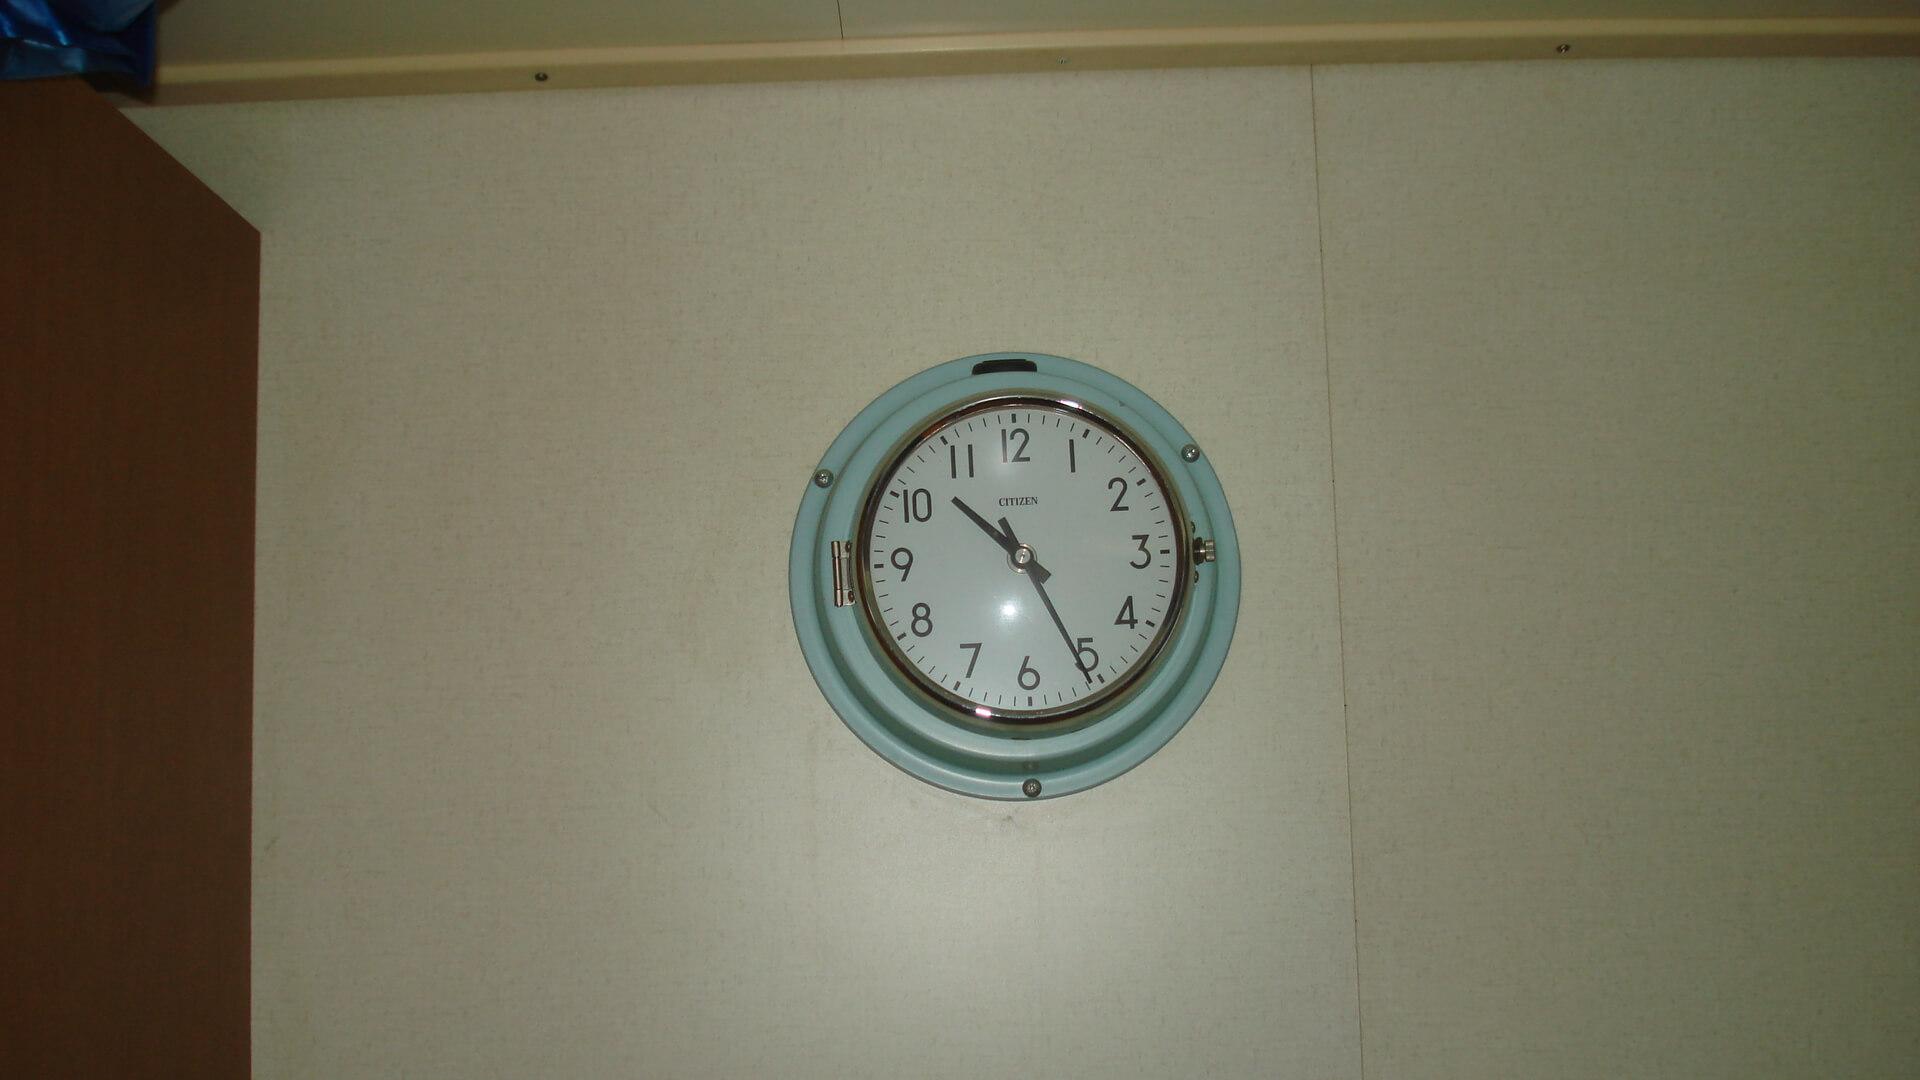 Gemie Mesai Saatleri